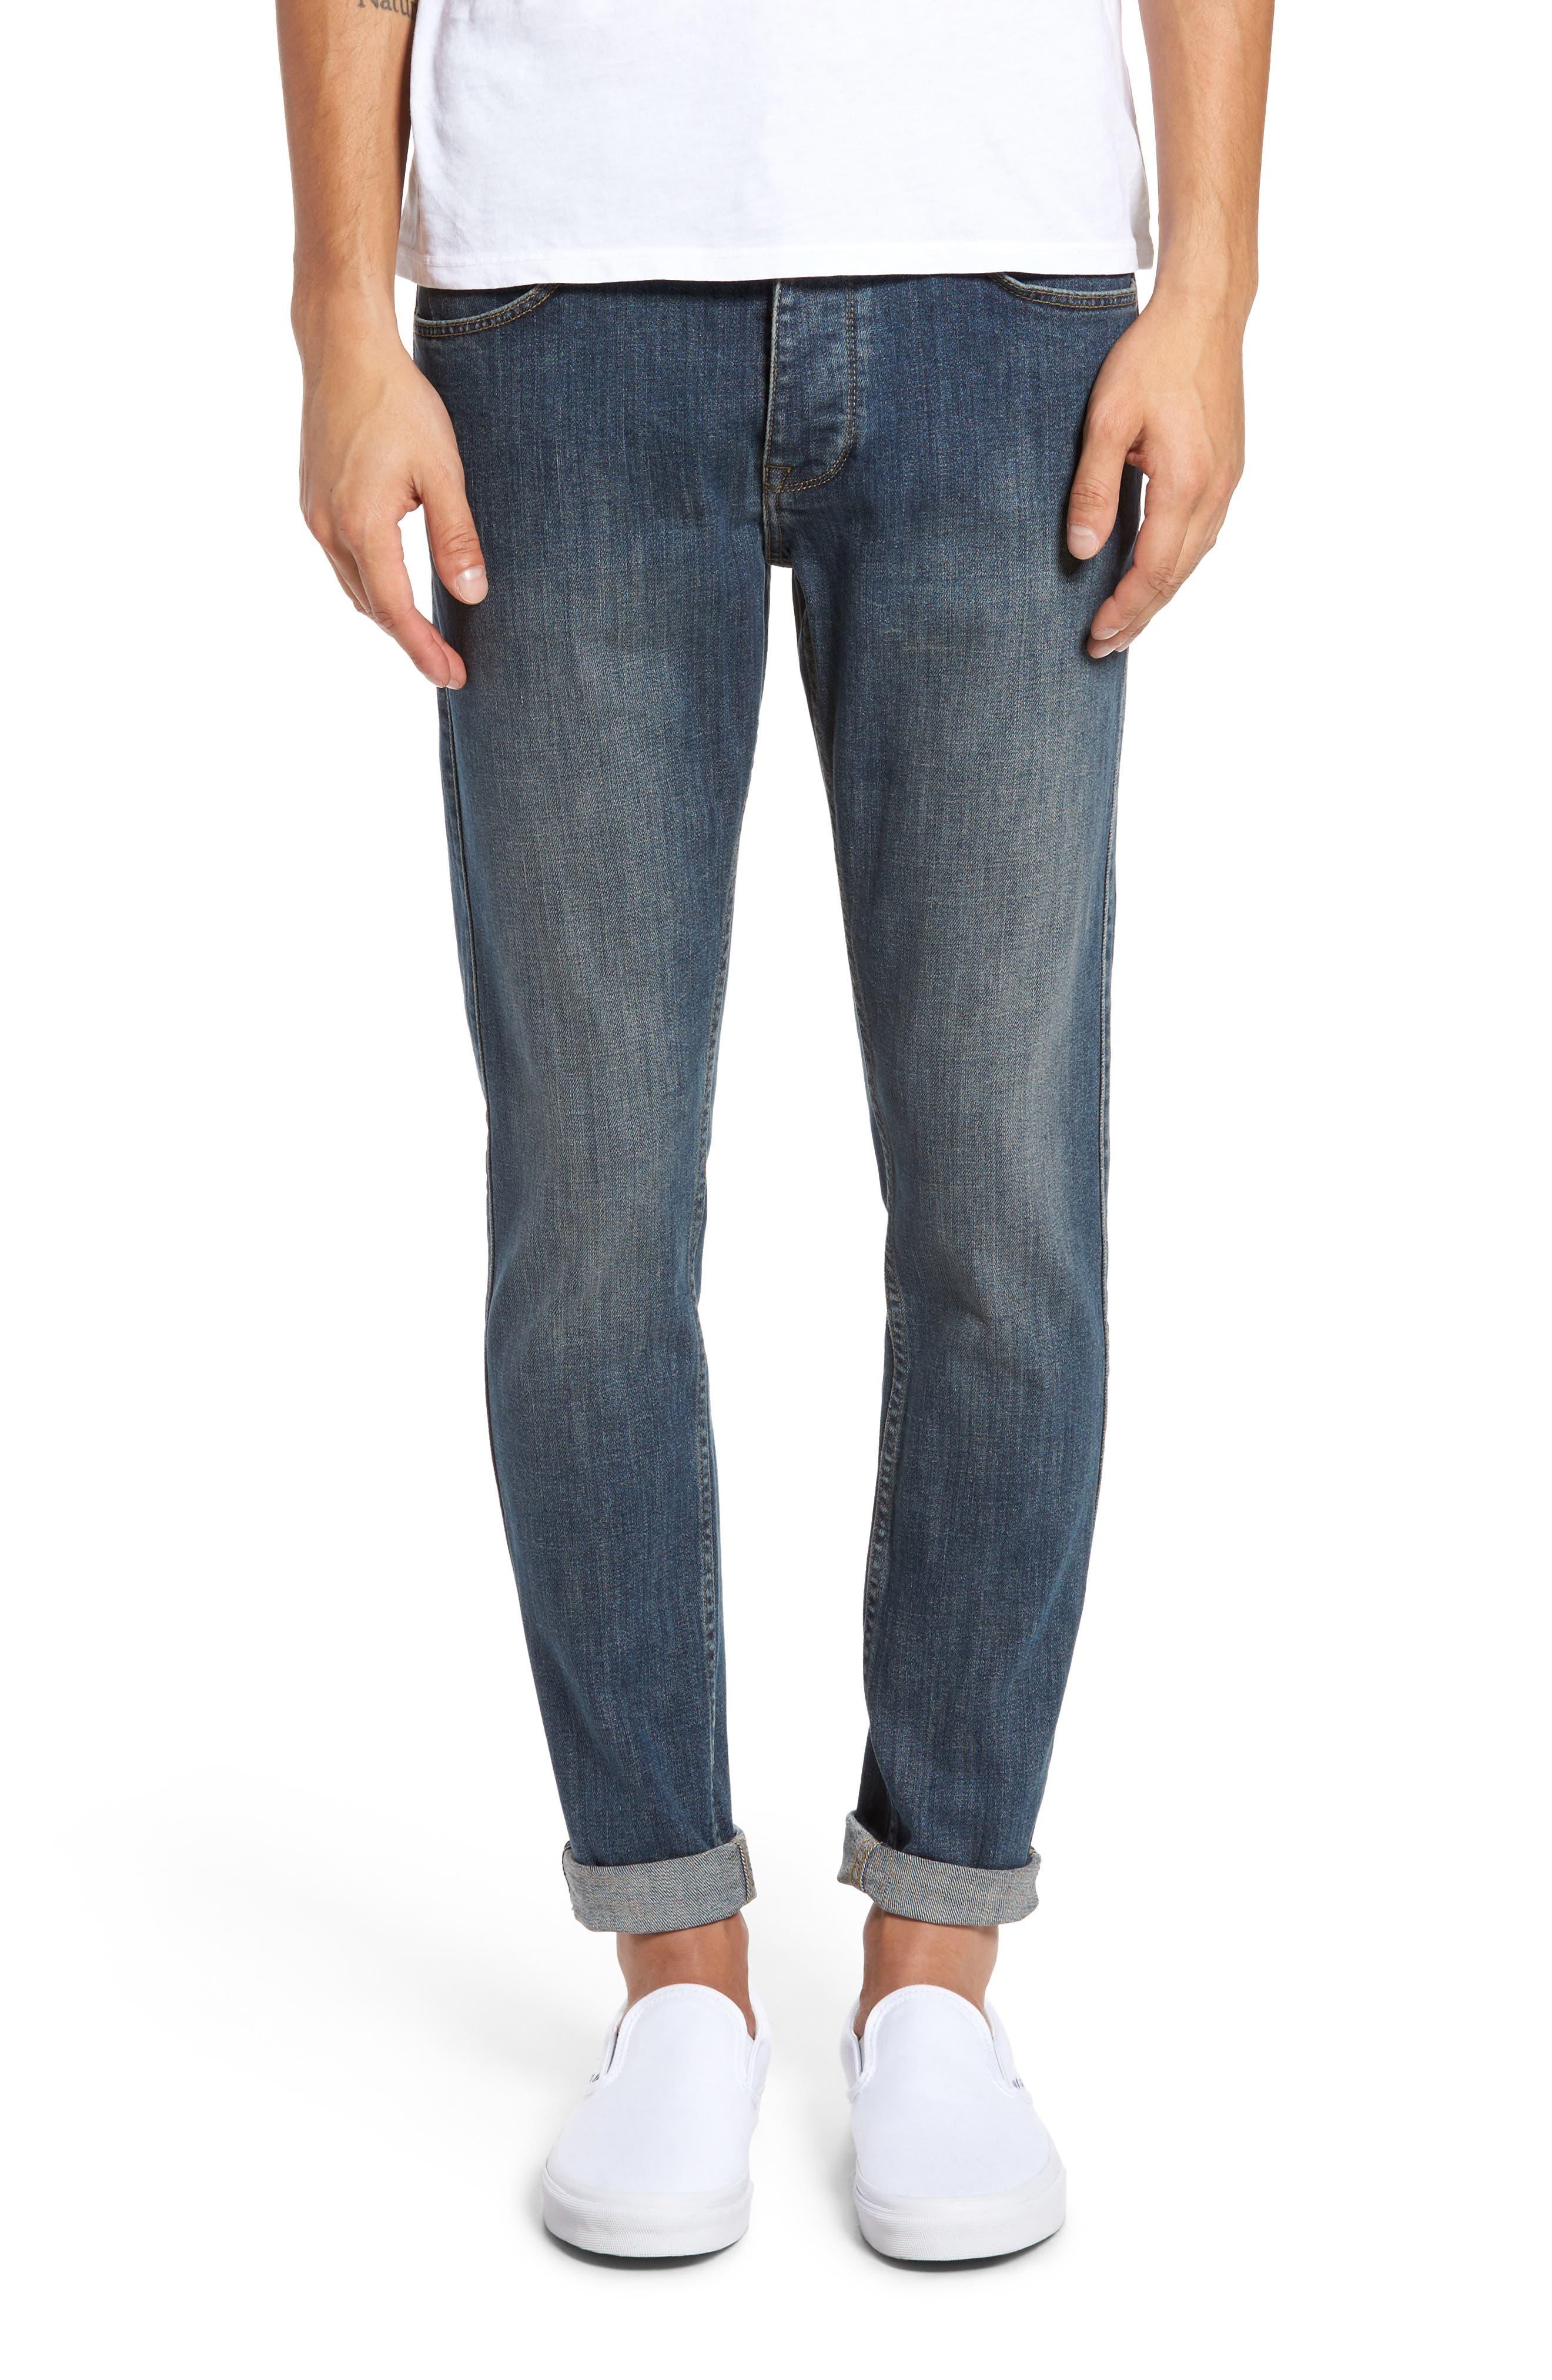 Alternate Image 1 Selected - Dr. Denim Supply Co. Clark Slim Straight Leg Jeans (90s Mid Blue)